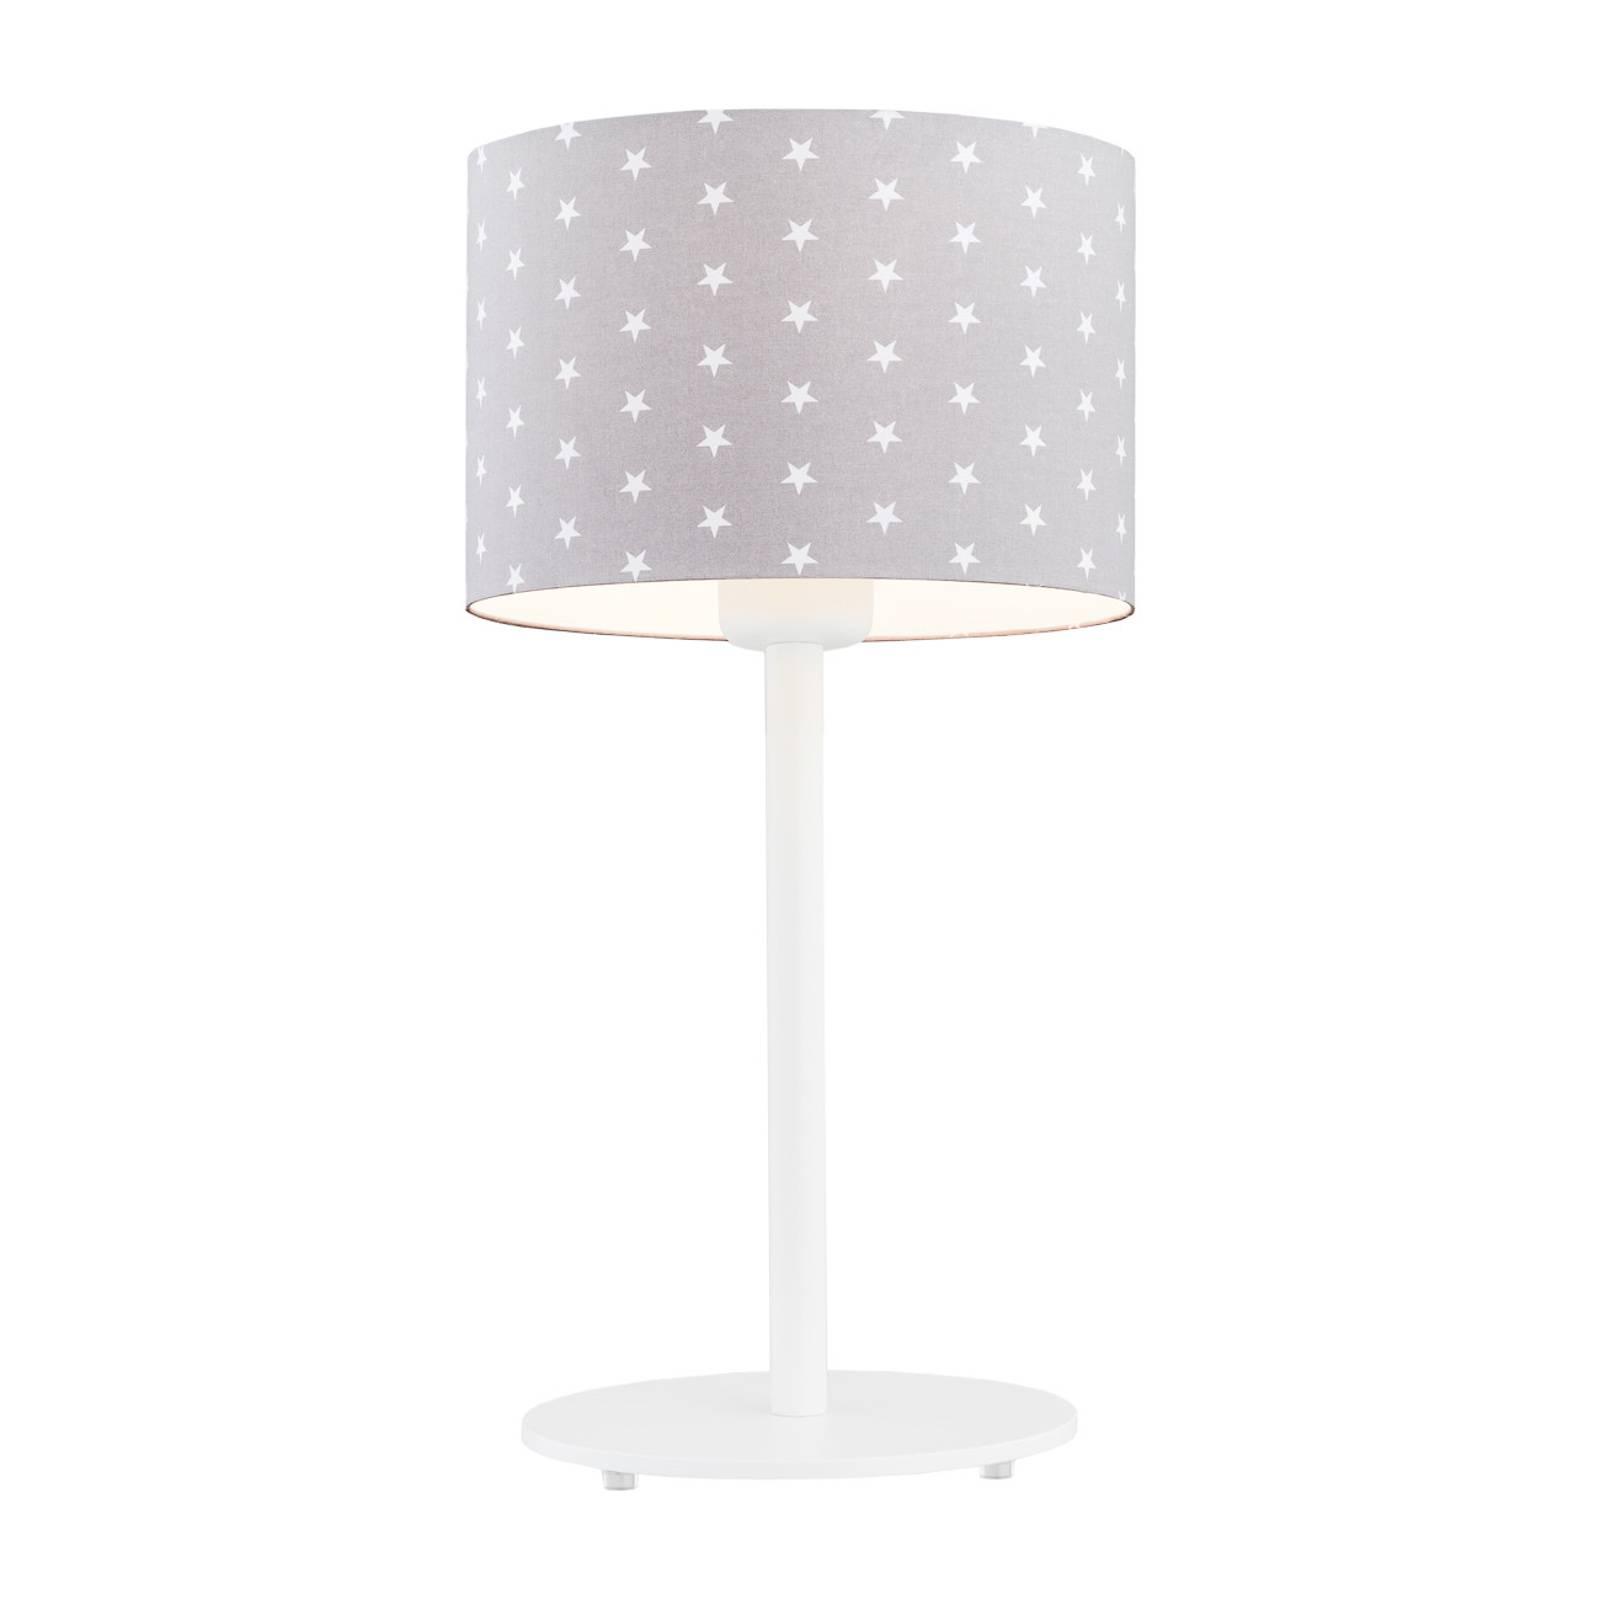 Pöytälamppu Moa, harmaa/valkoinen kangasvarjostin